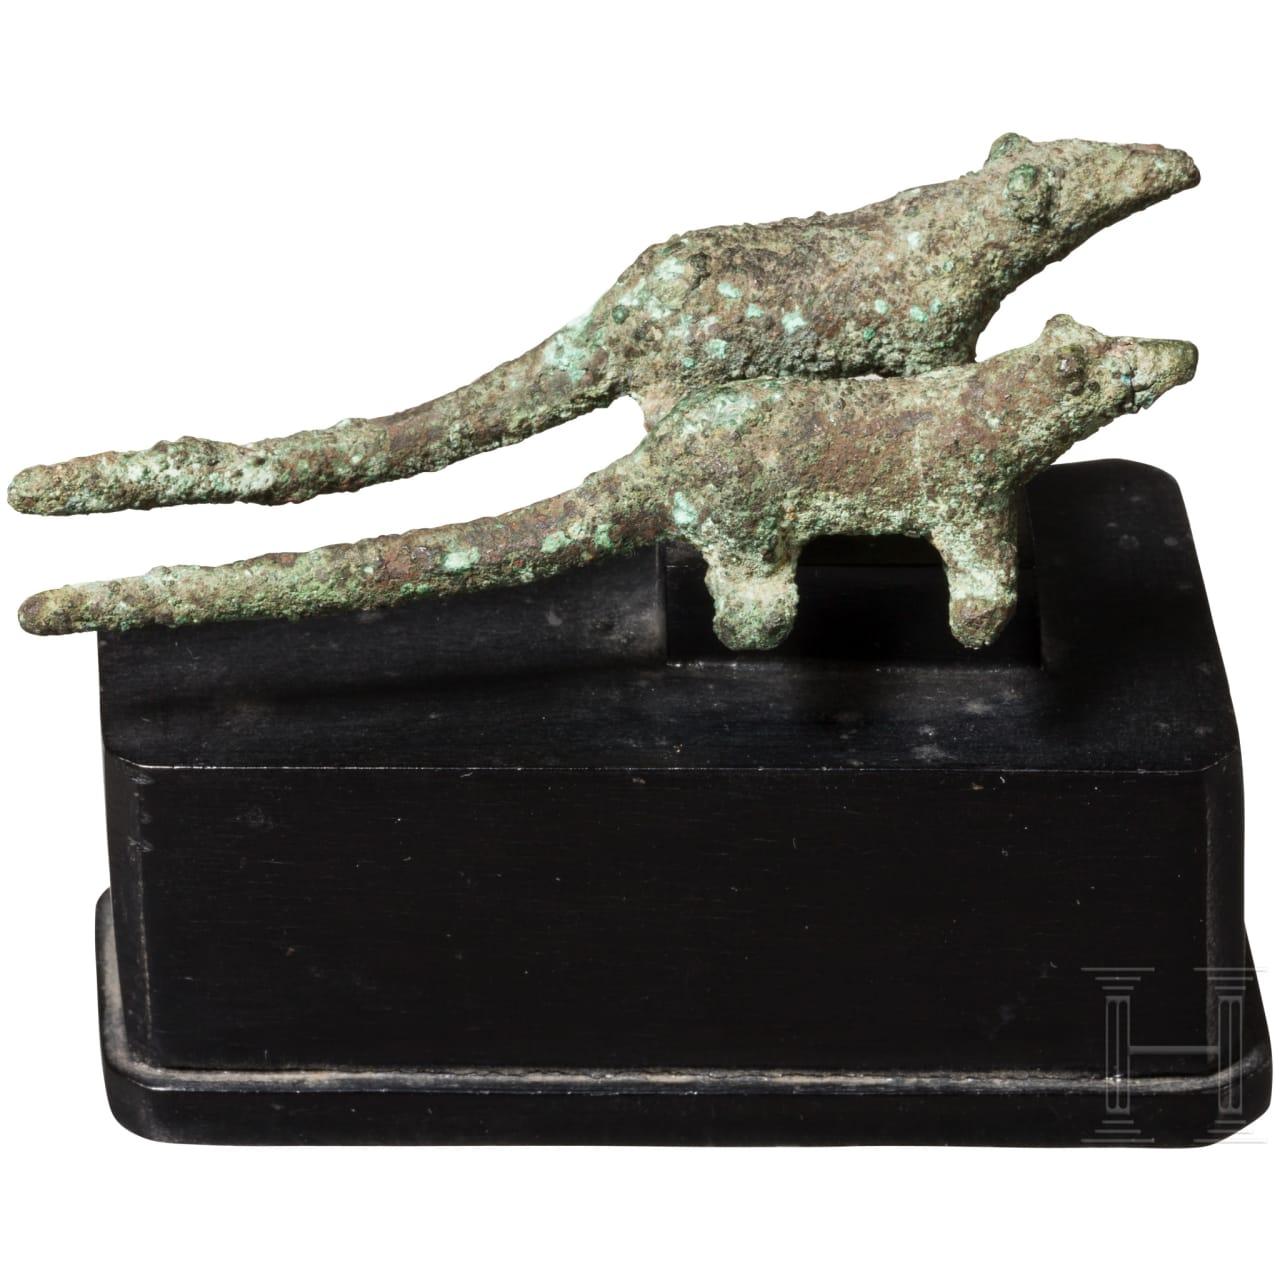 Zwei Miniatur-Ratten aus Bronze, Ägypten, ca. 1000 - 500 v. Chr.